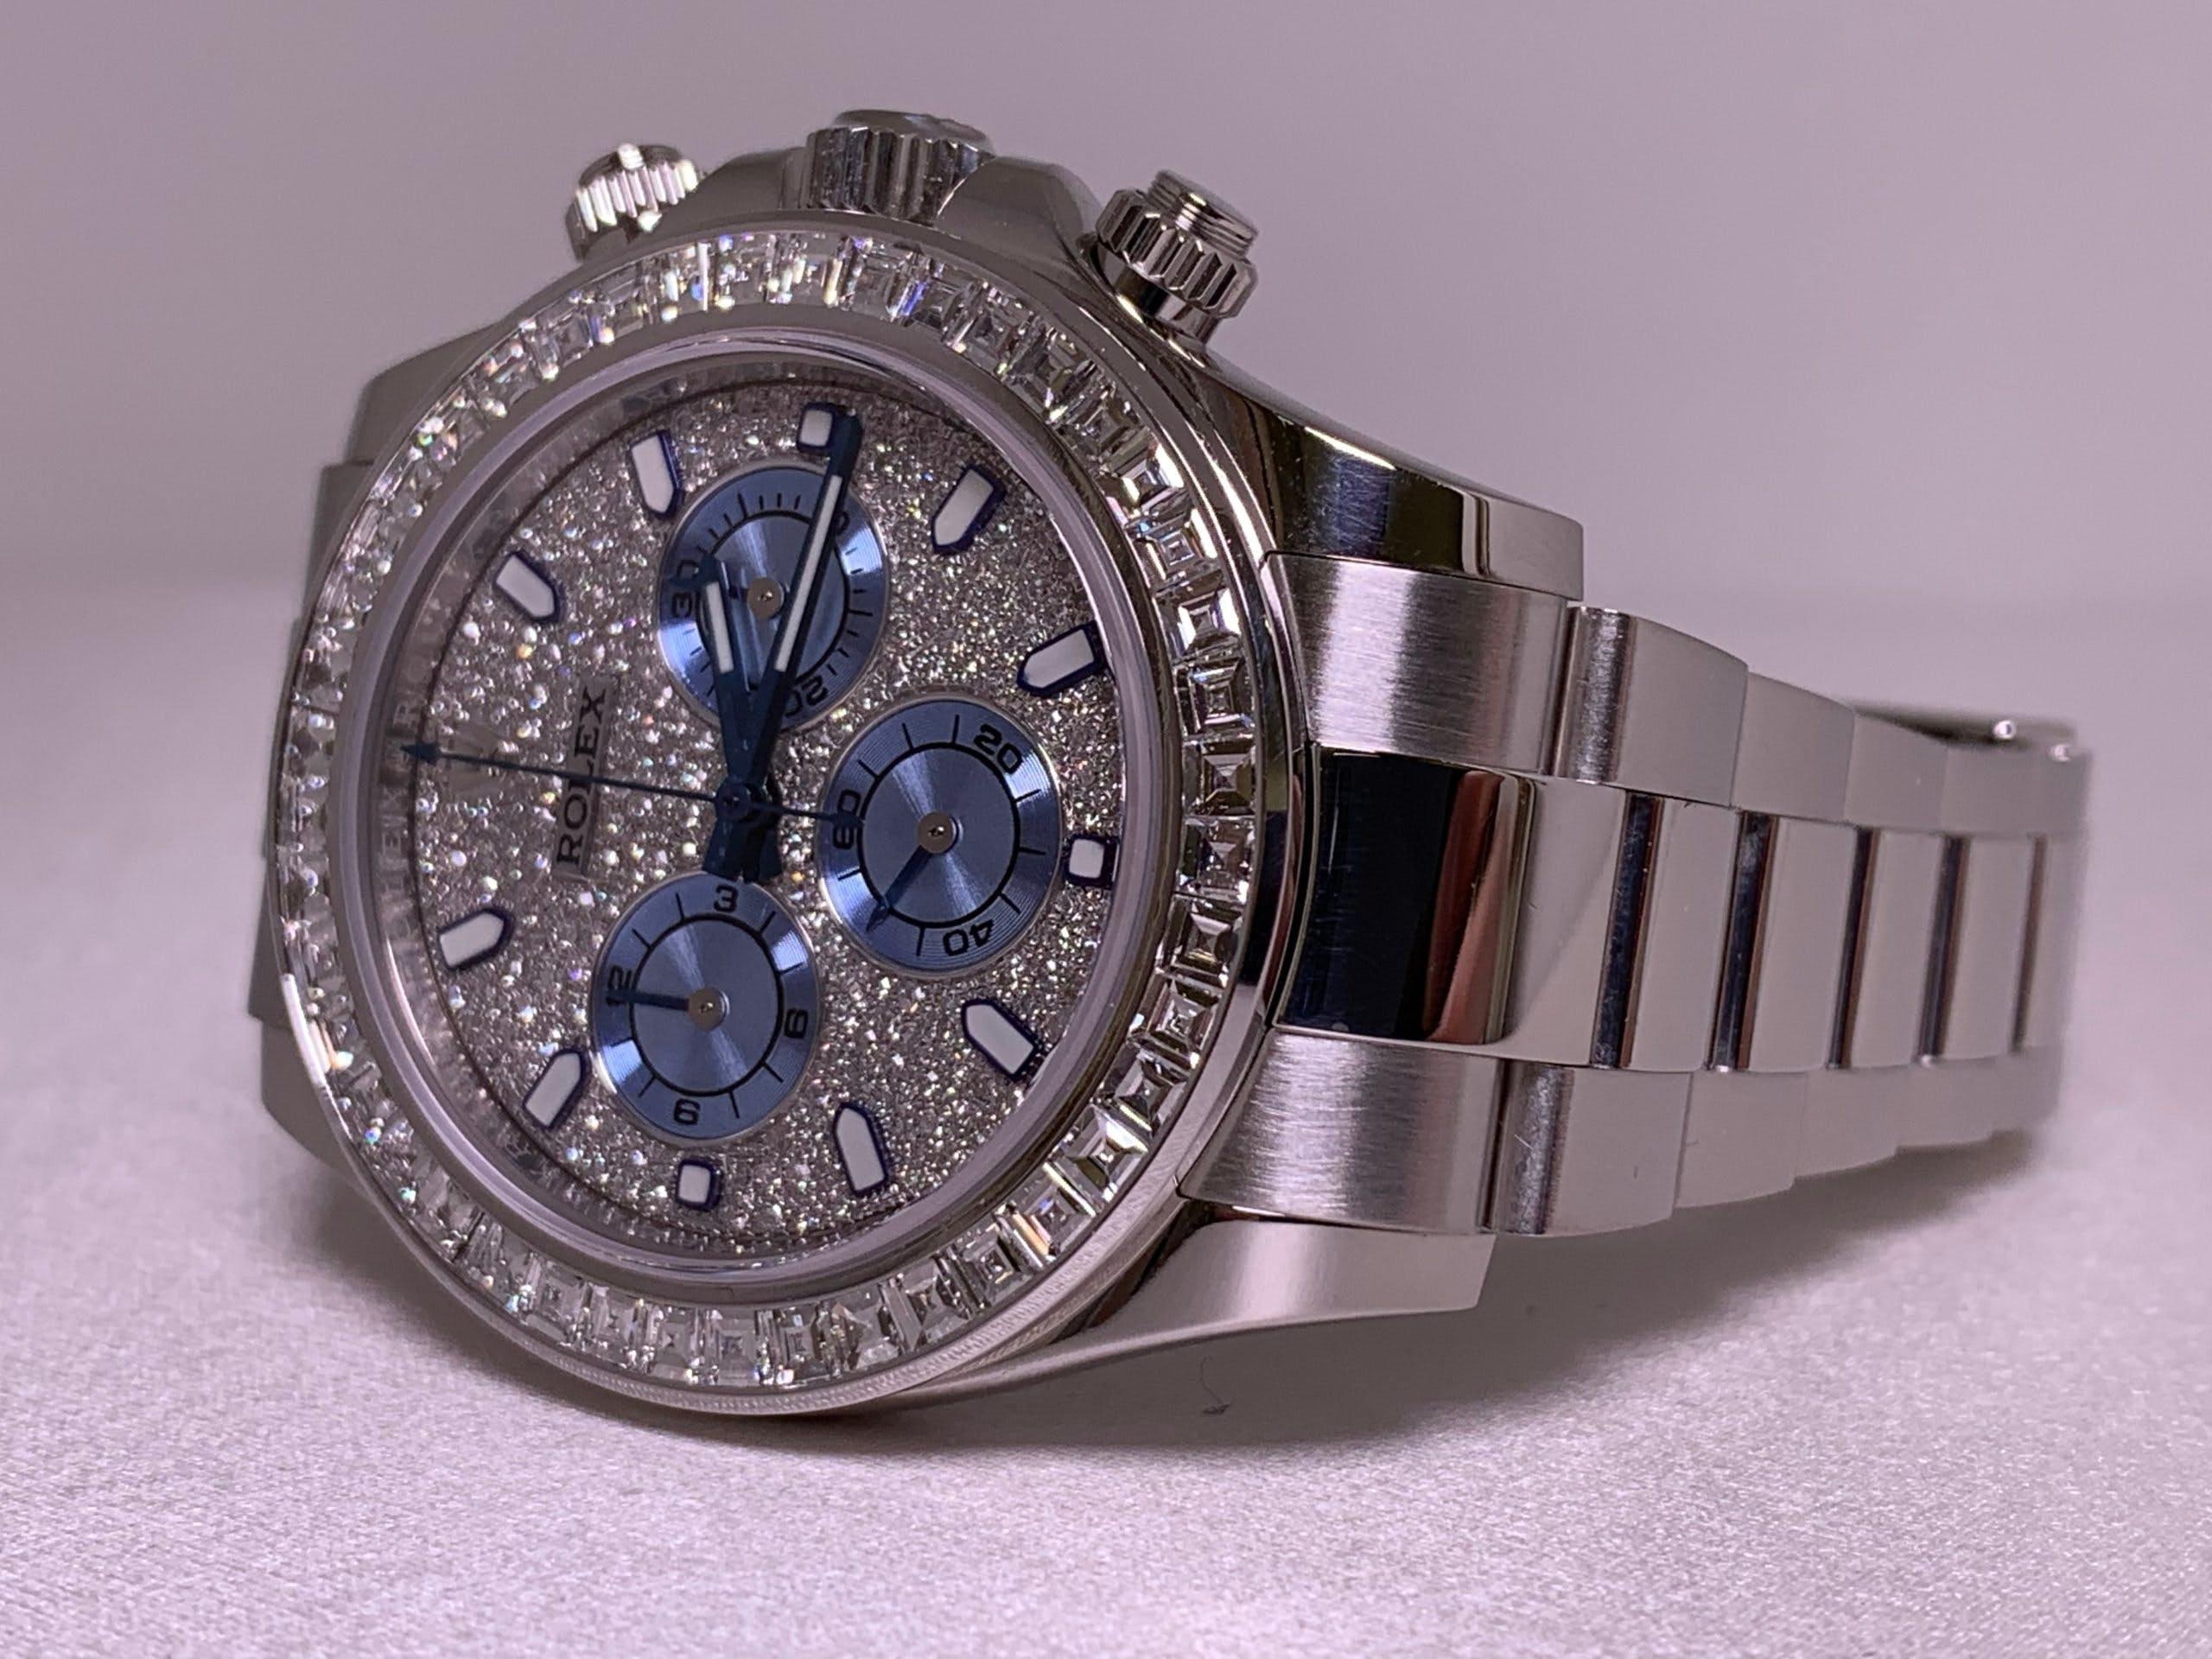 Diamanten satt: die Rolex Daytona 116575TBR mit Pavé-Zifferblatt und Diamantlünette.